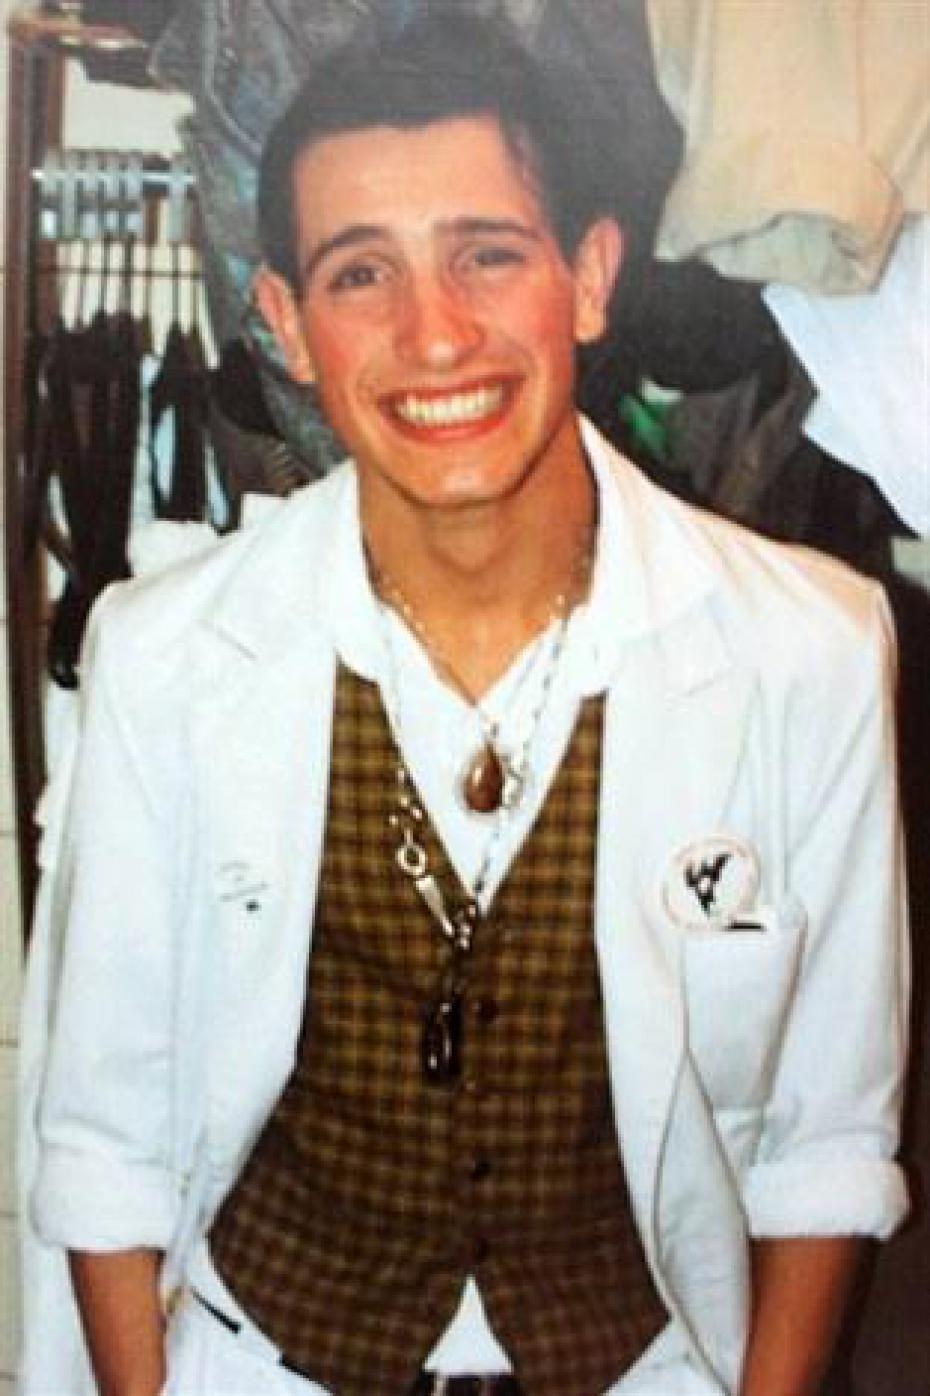 Jean dujardin quand il avait 20 ans sur le forum blabla 18 for Dujardin qui fait le chameau